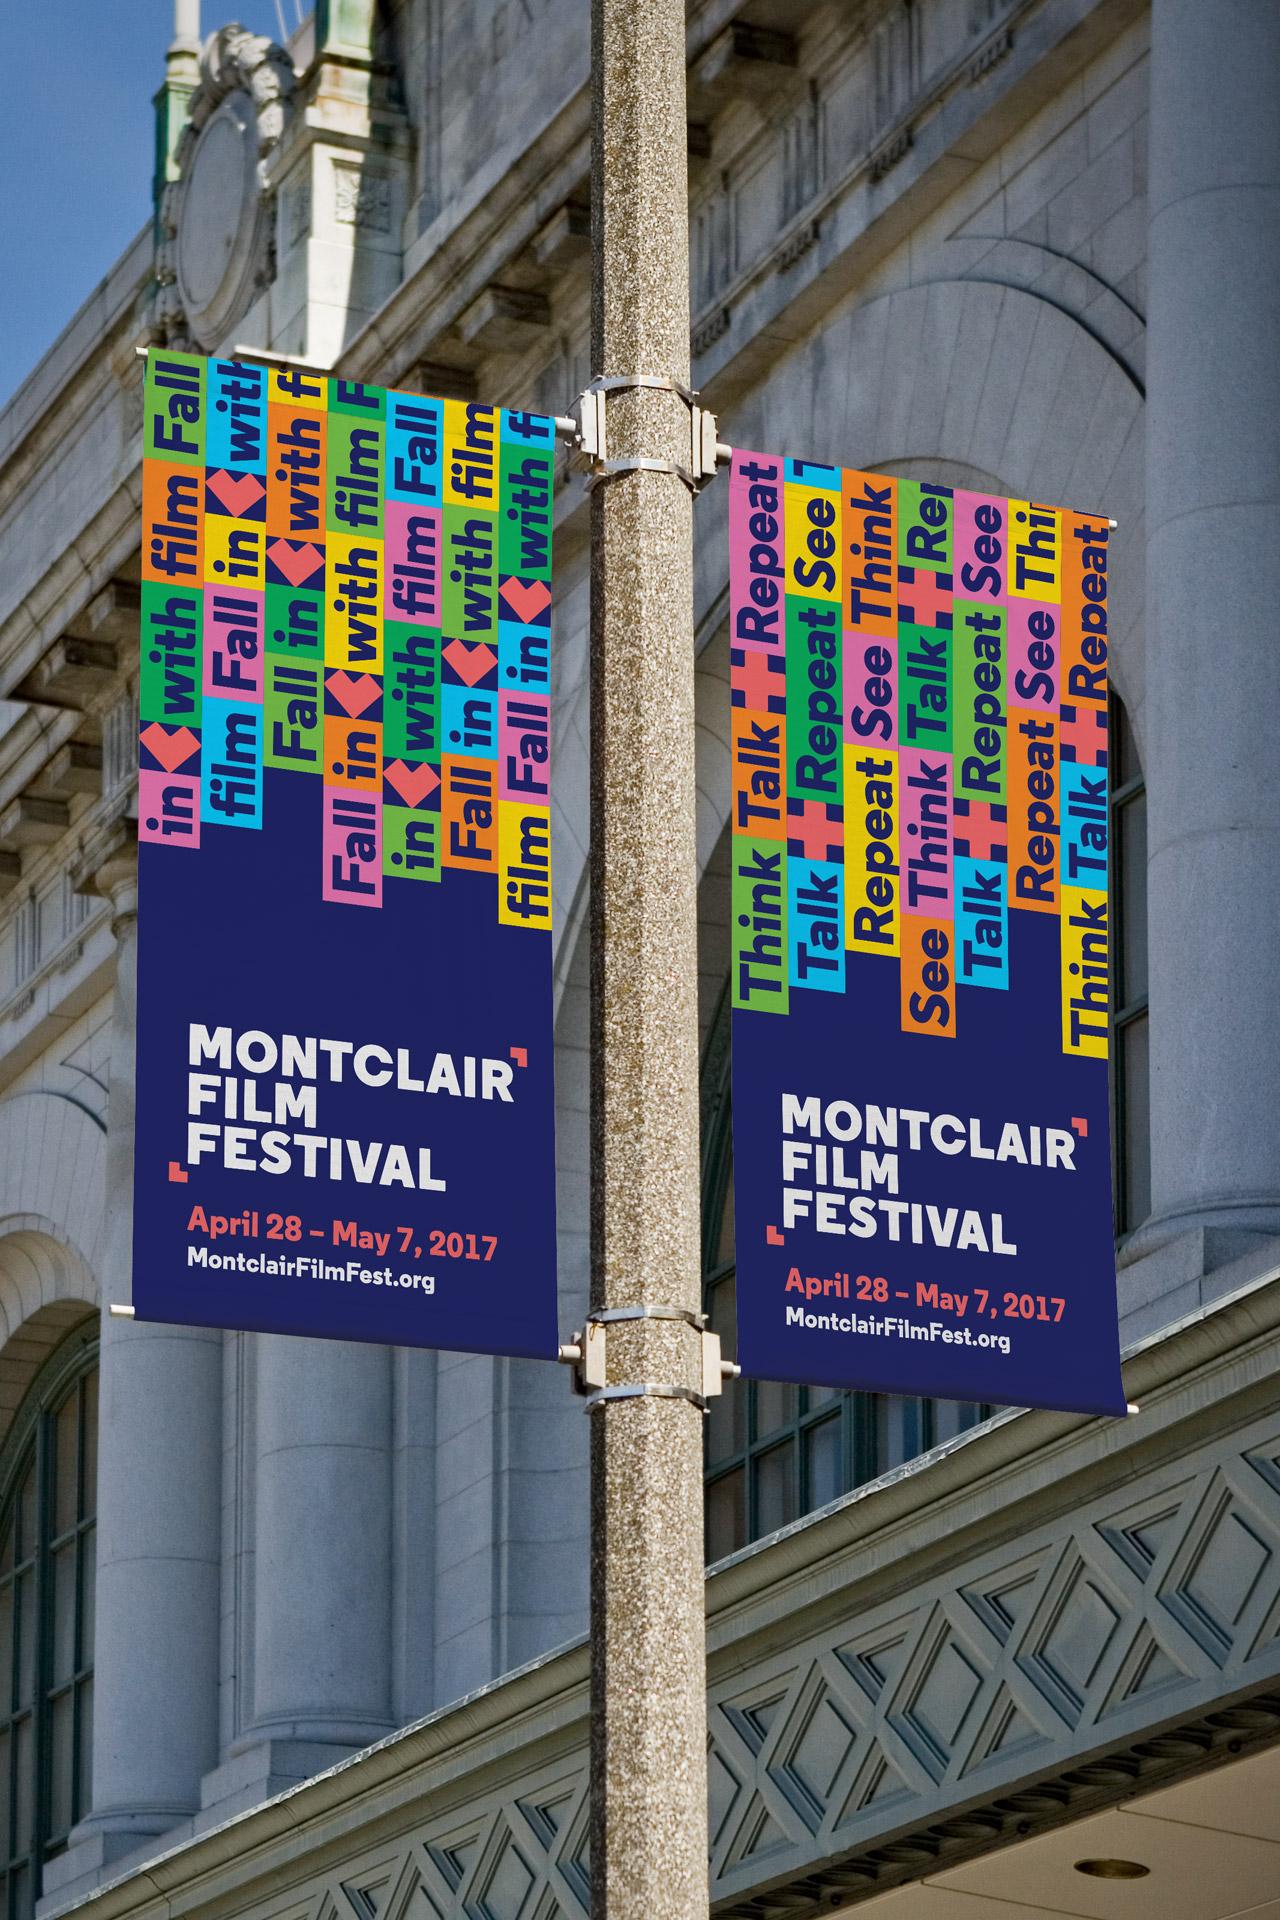 HIERONYMUS_MontclairFilm-StreetBanner